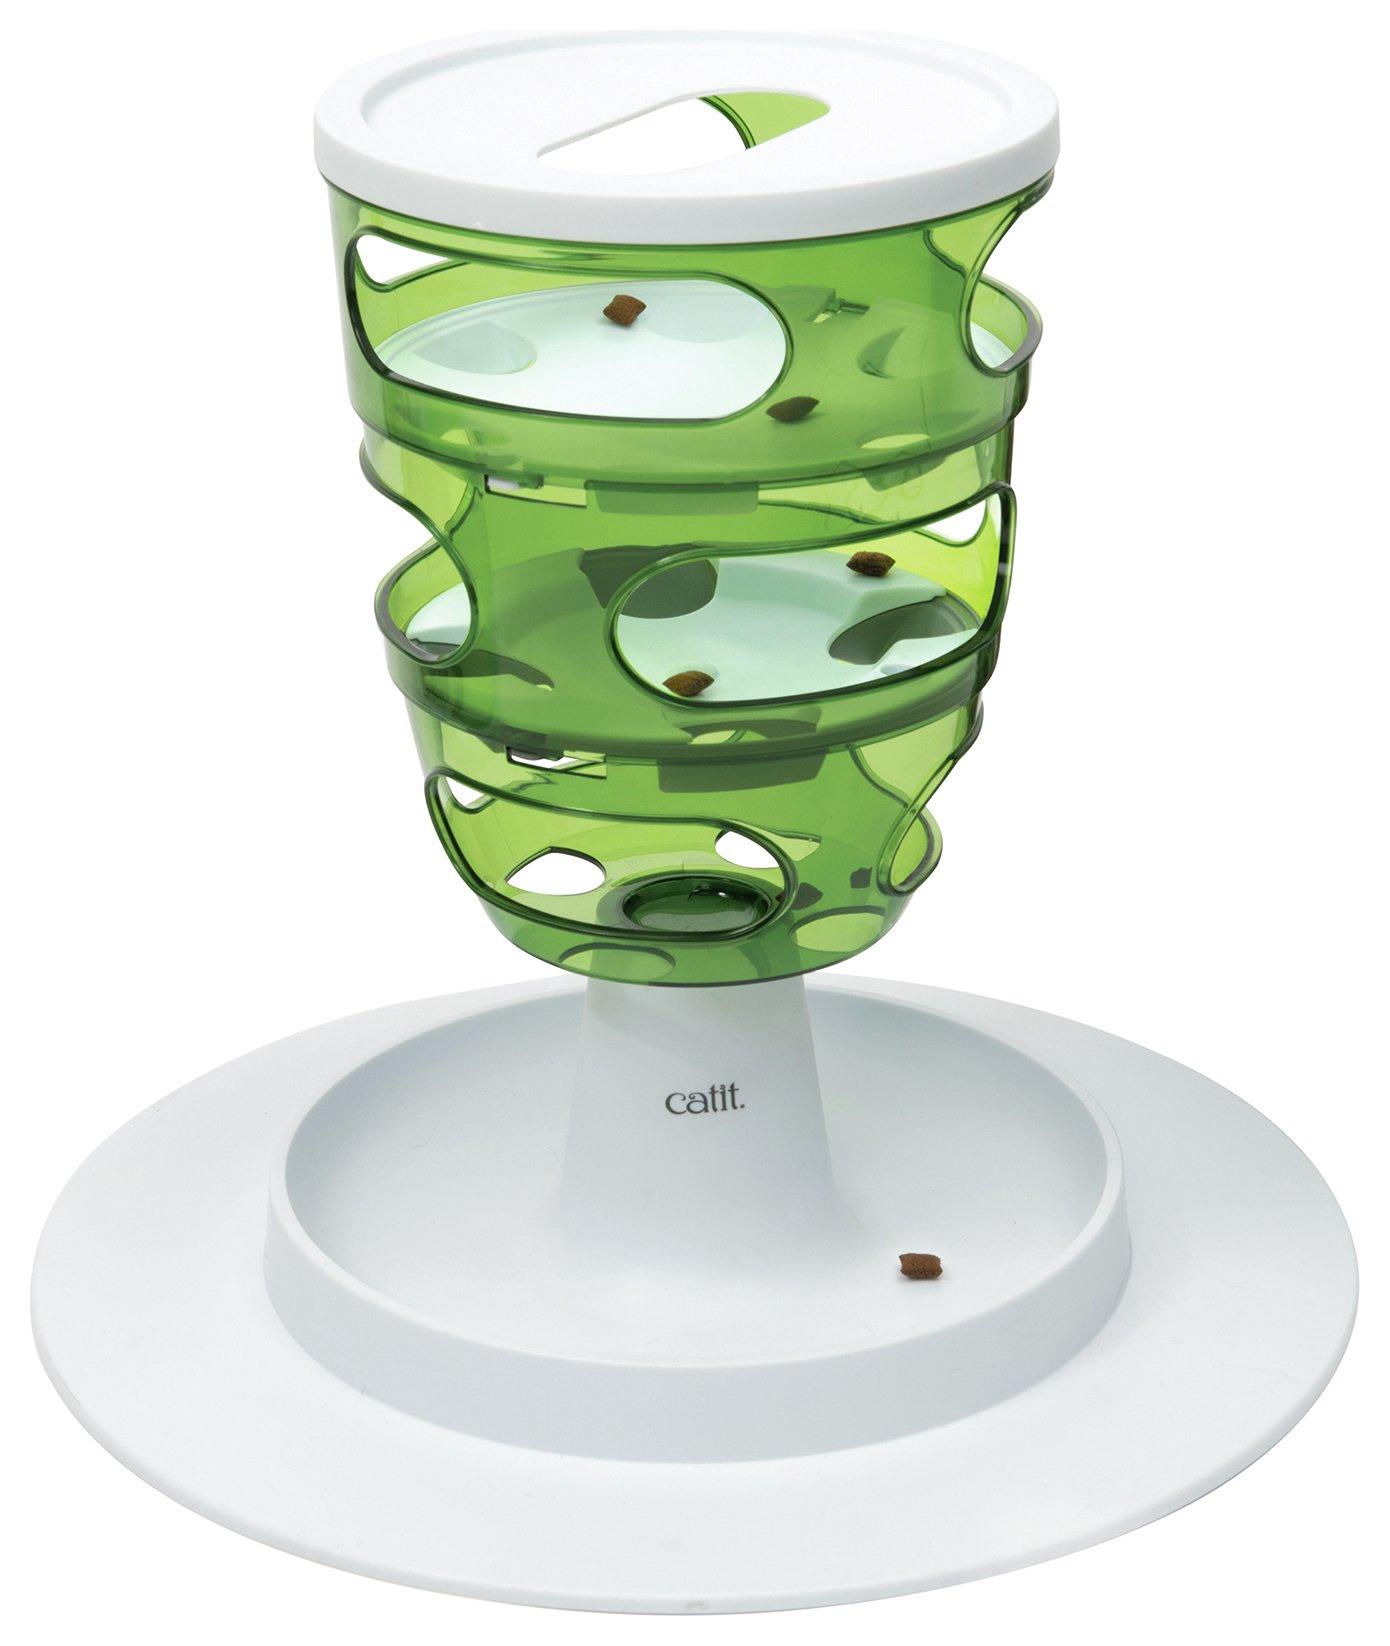 Image of Catit Food Tree